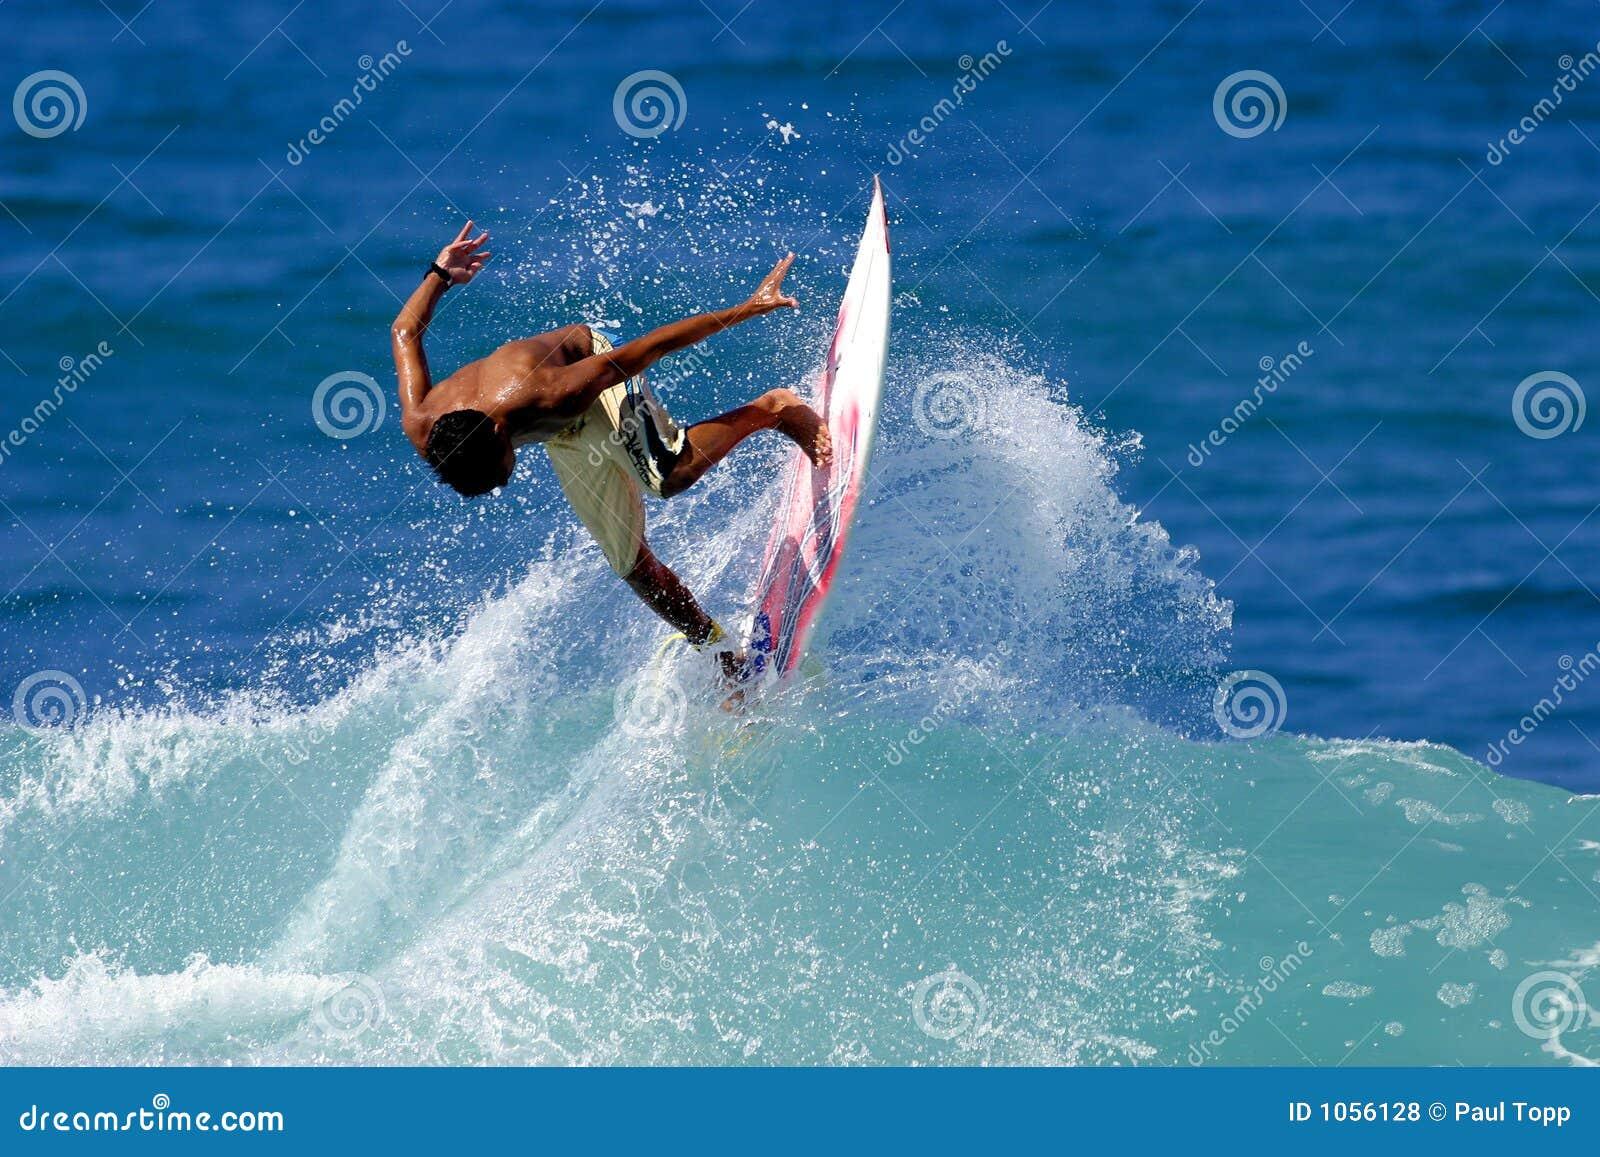 Surfboard In Water